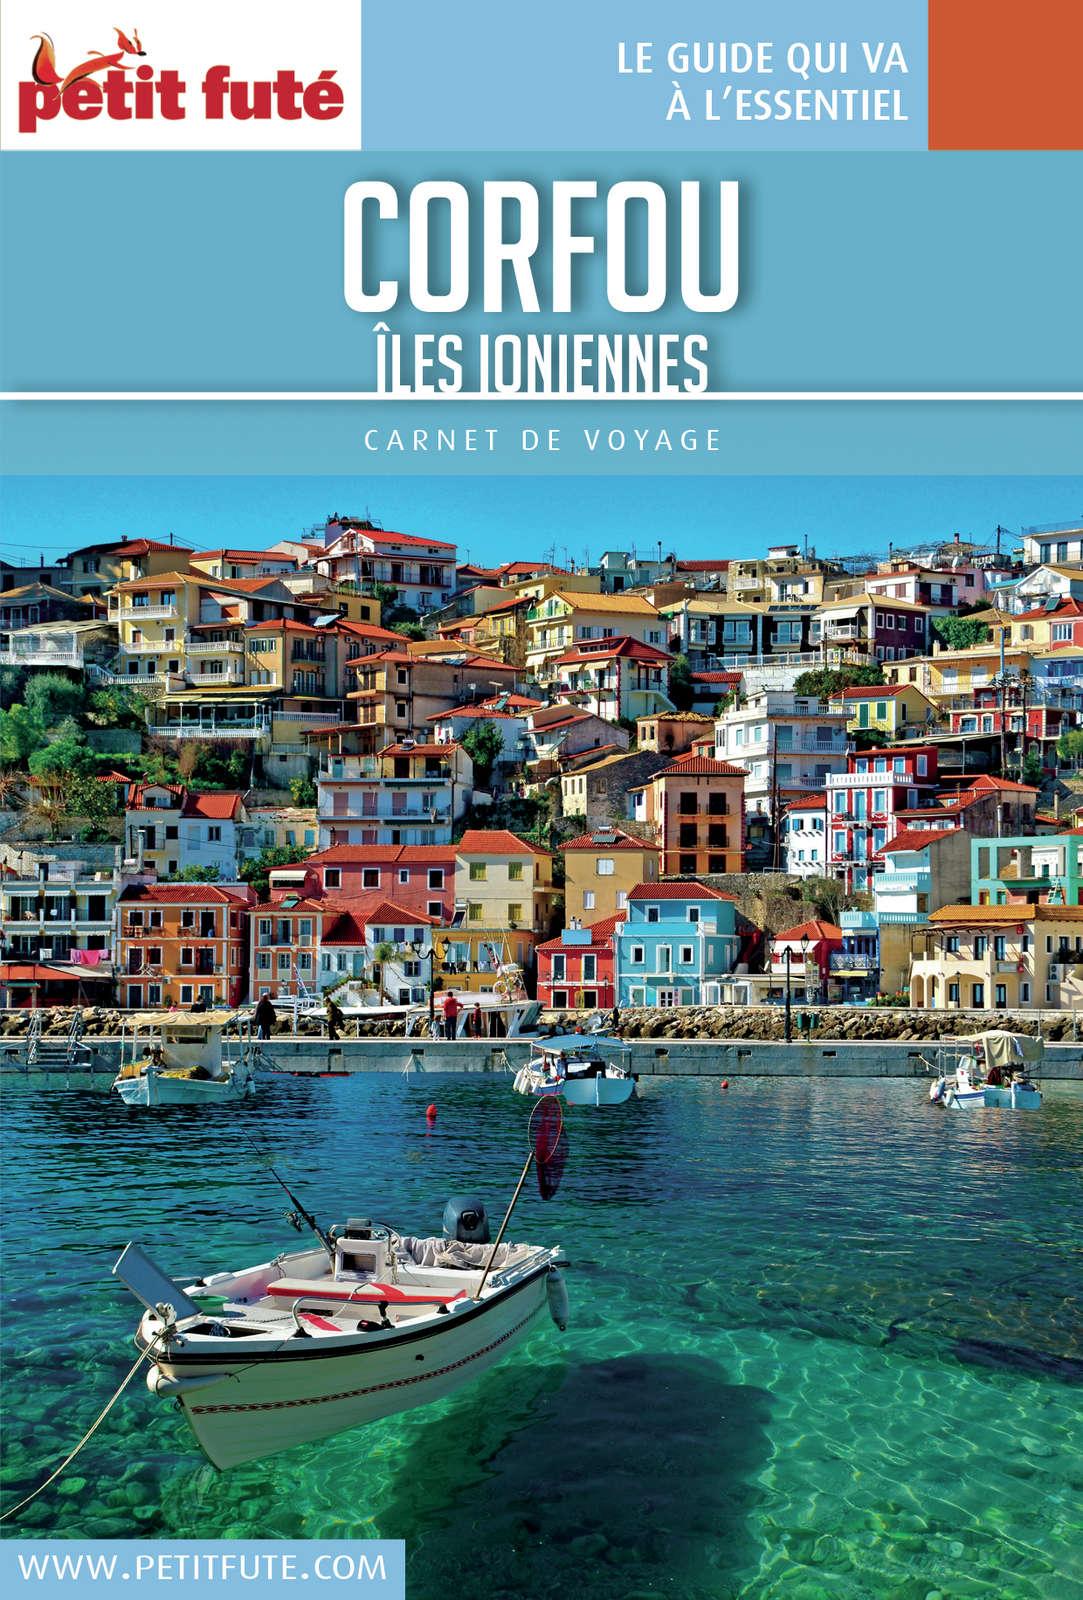 Carnet de voyage - Corfou / Îles ioniennes 2016/2017